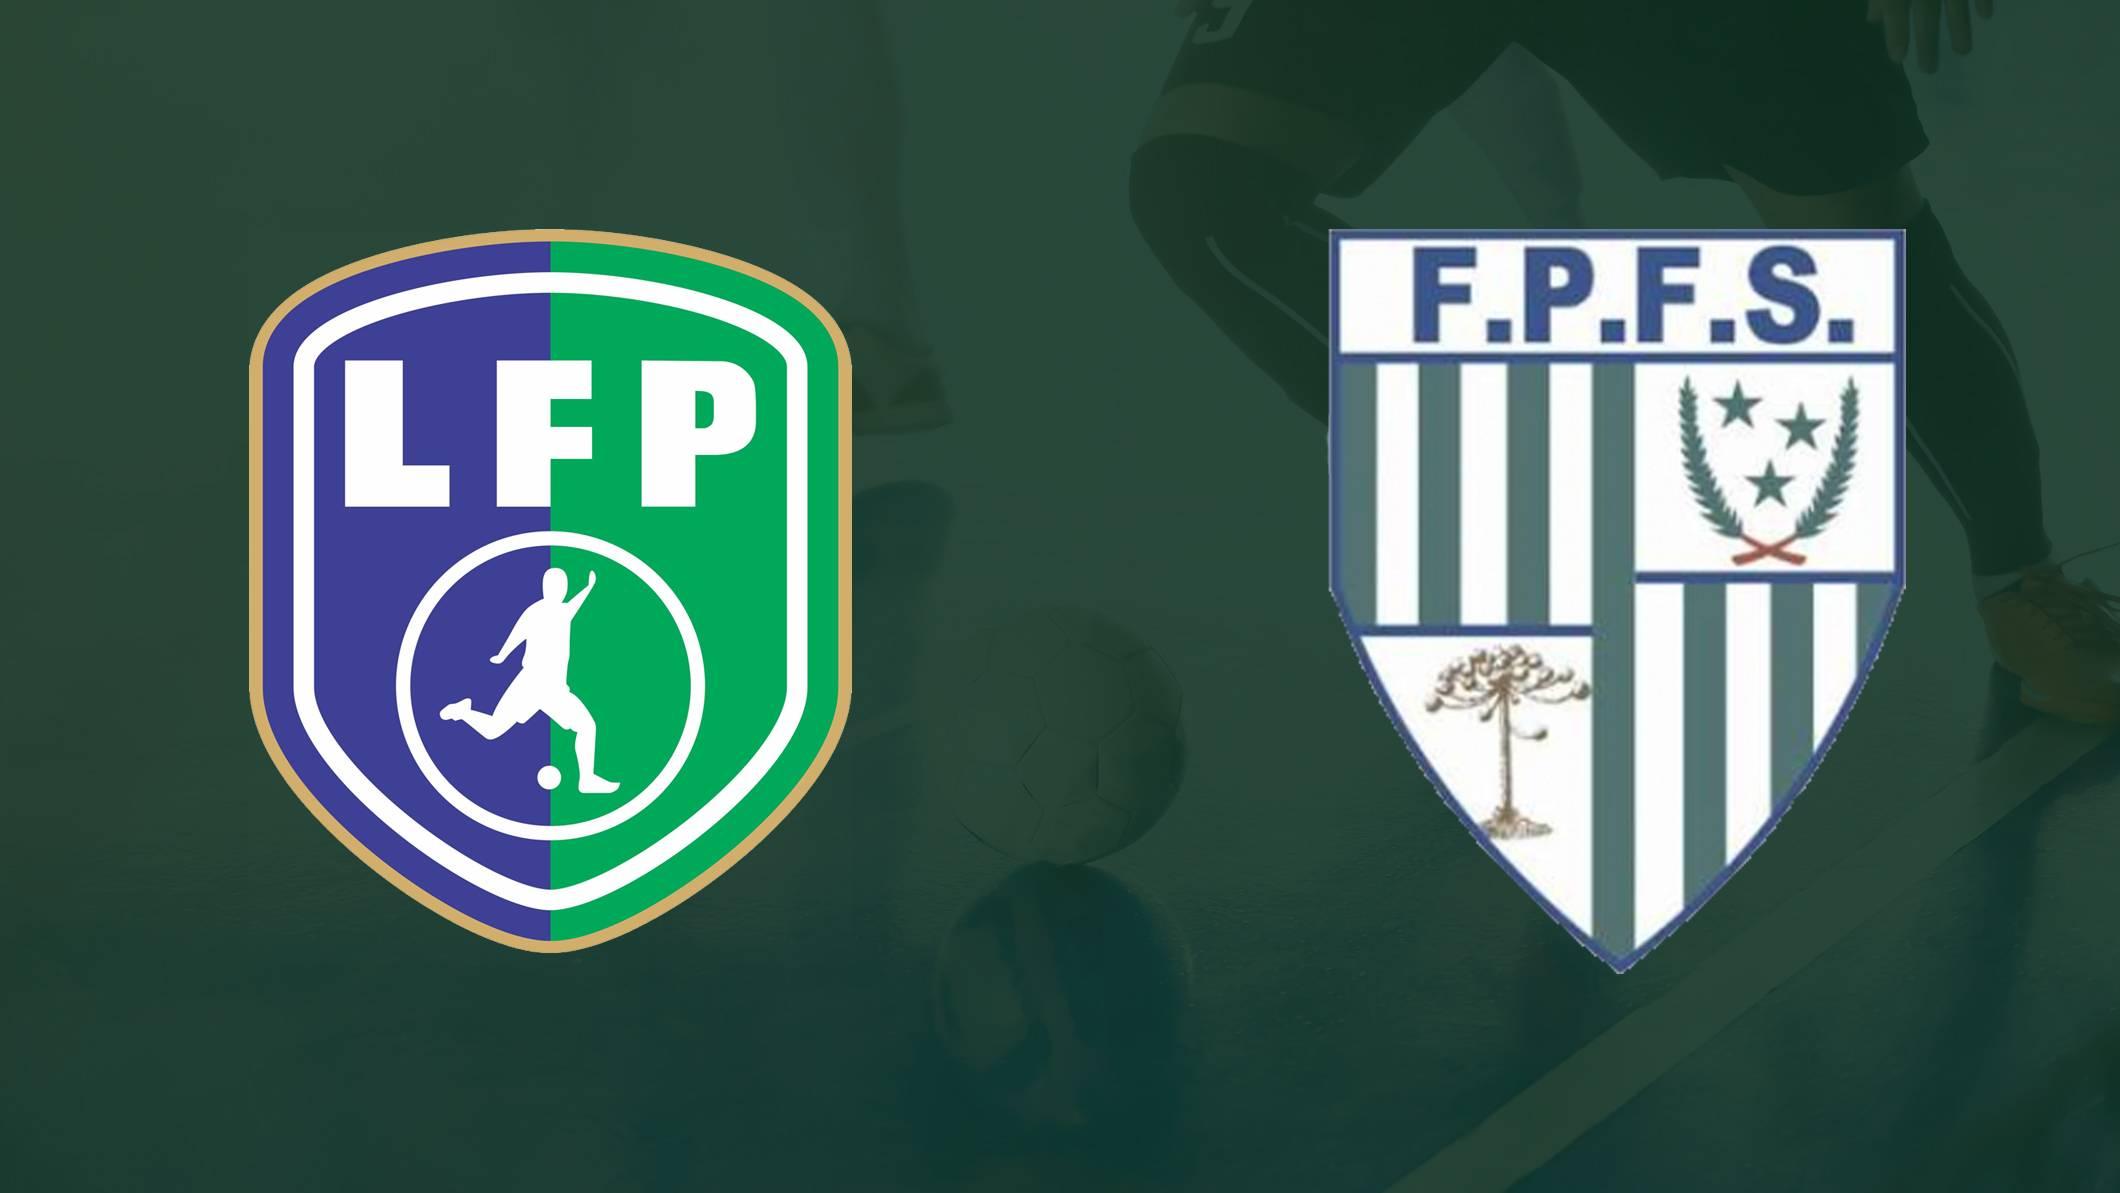 Liga Futsal Paraná fecha parceira com a FPFS após longa negociação